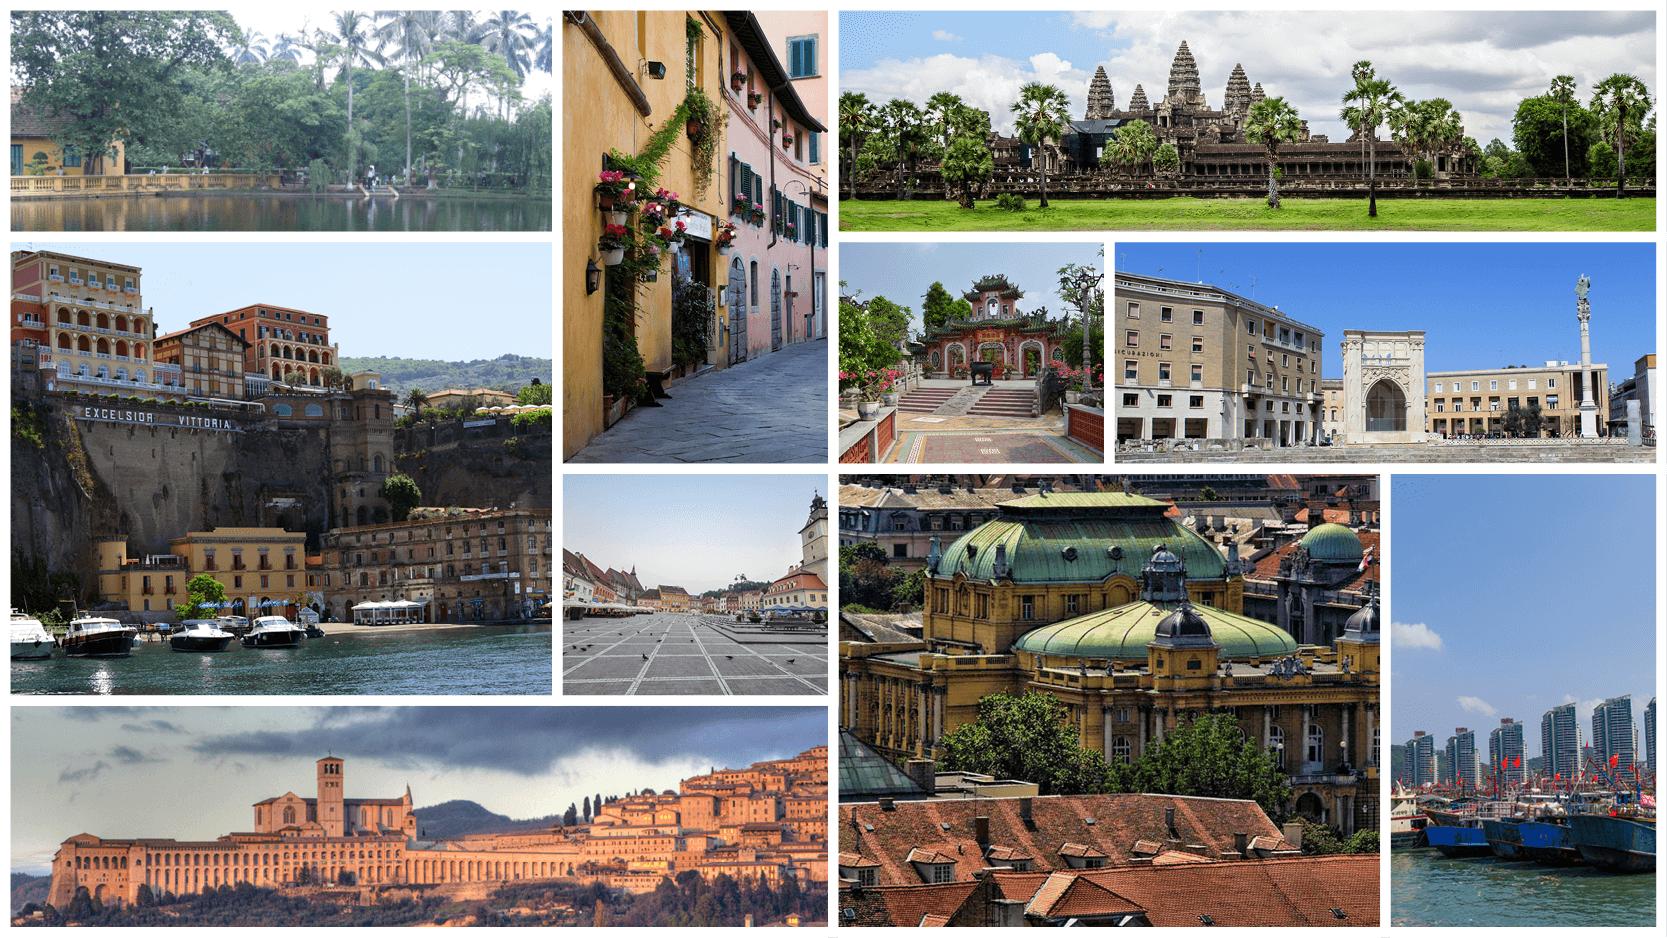 Kde najdete nejlepší hotely roku 2015?